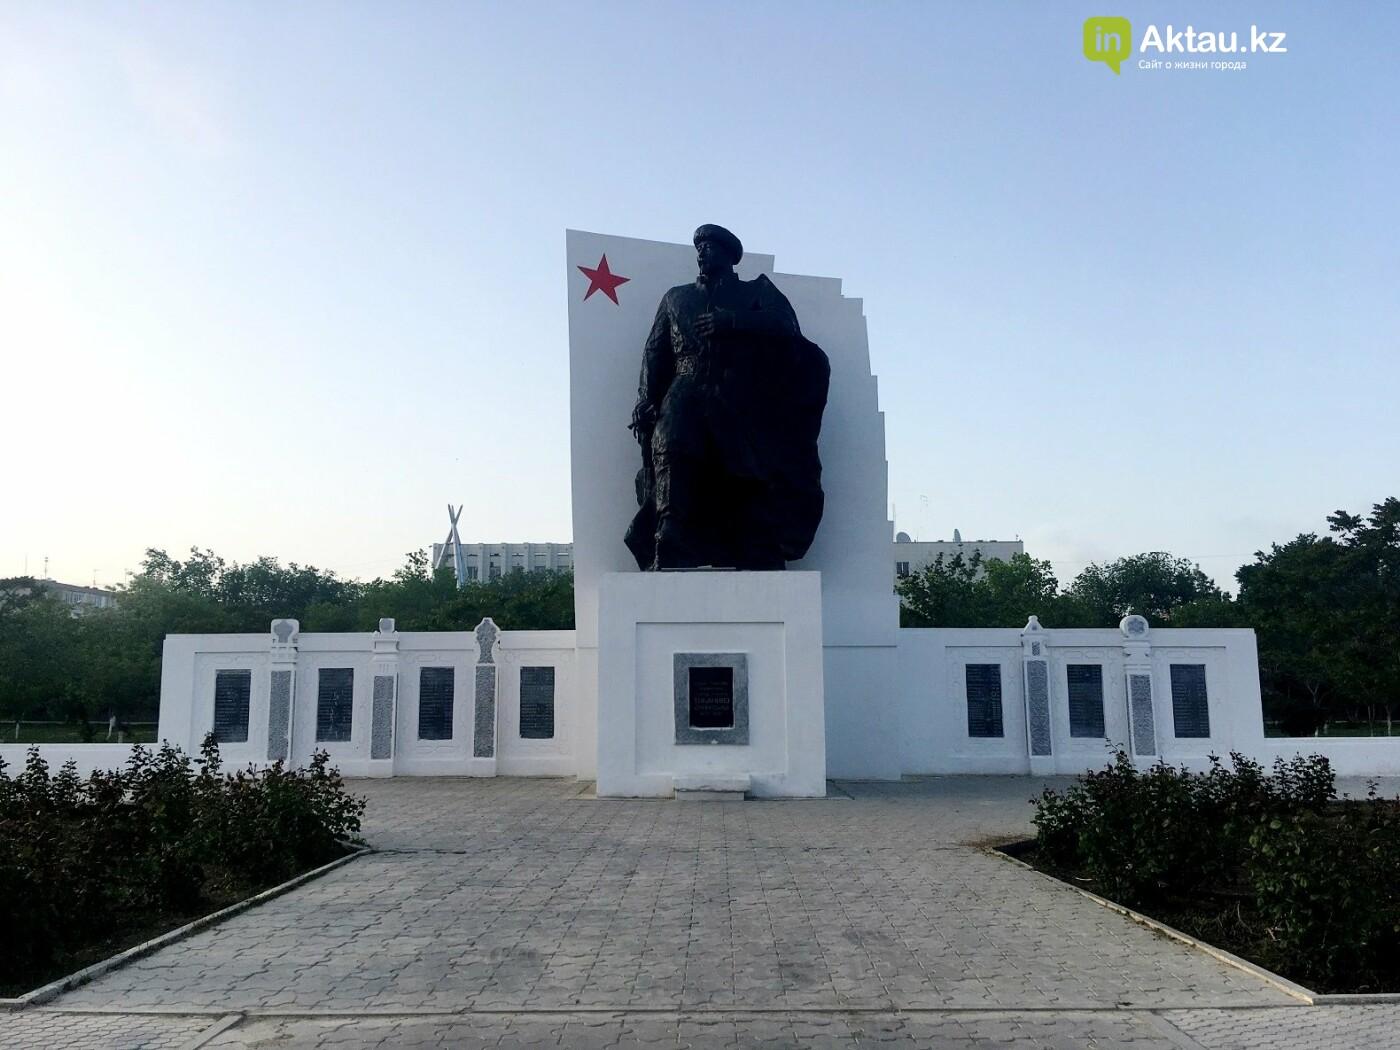 В Актау хотят отремонтировать памятник Кашагану, фото-1